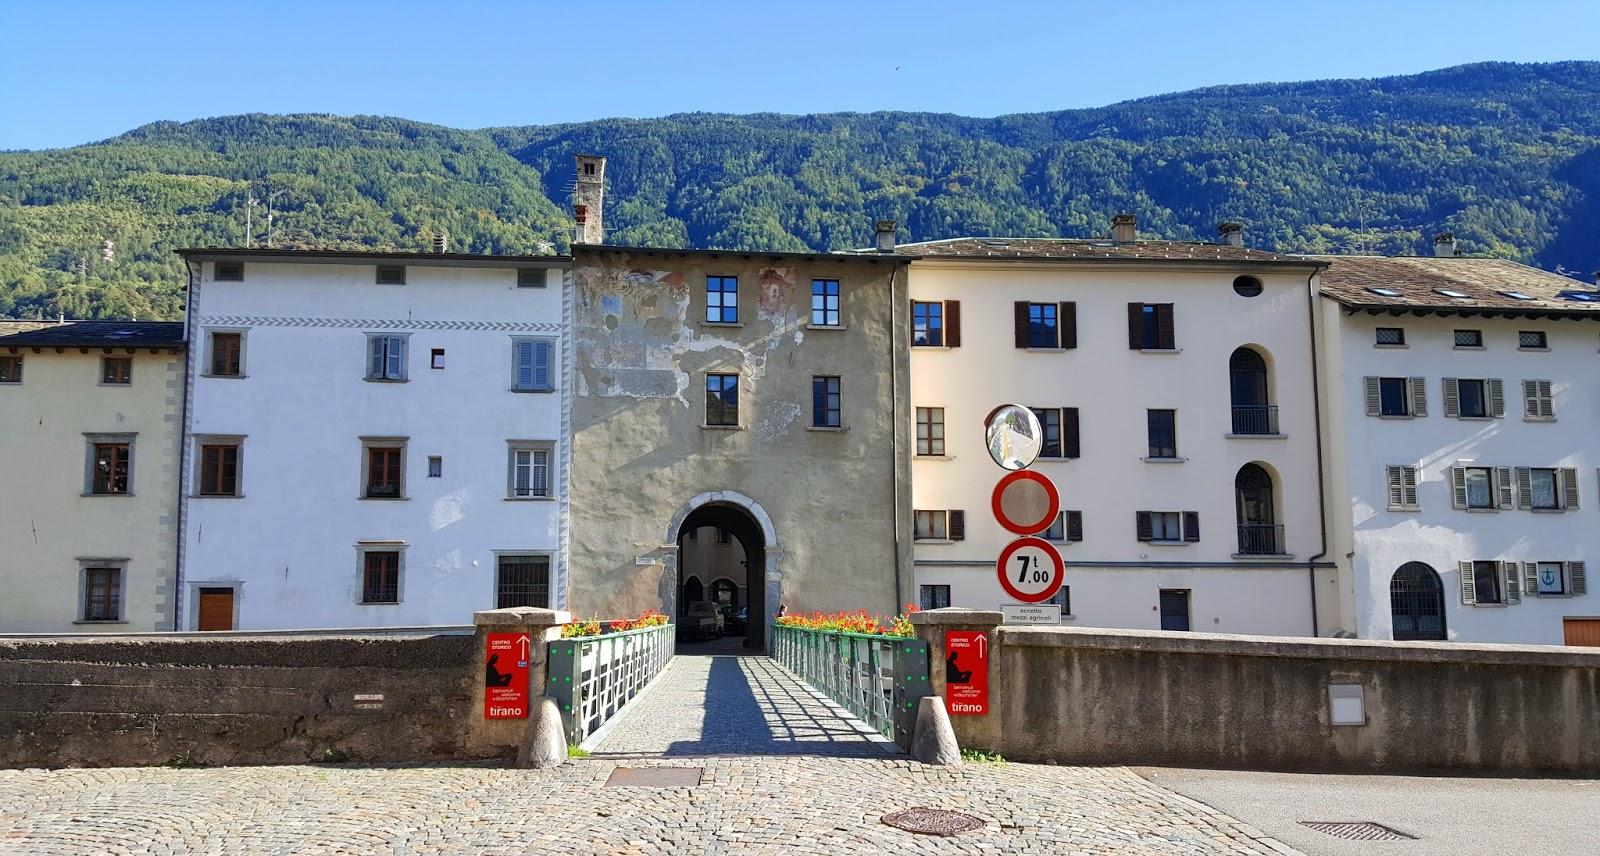 Tirano na Itália